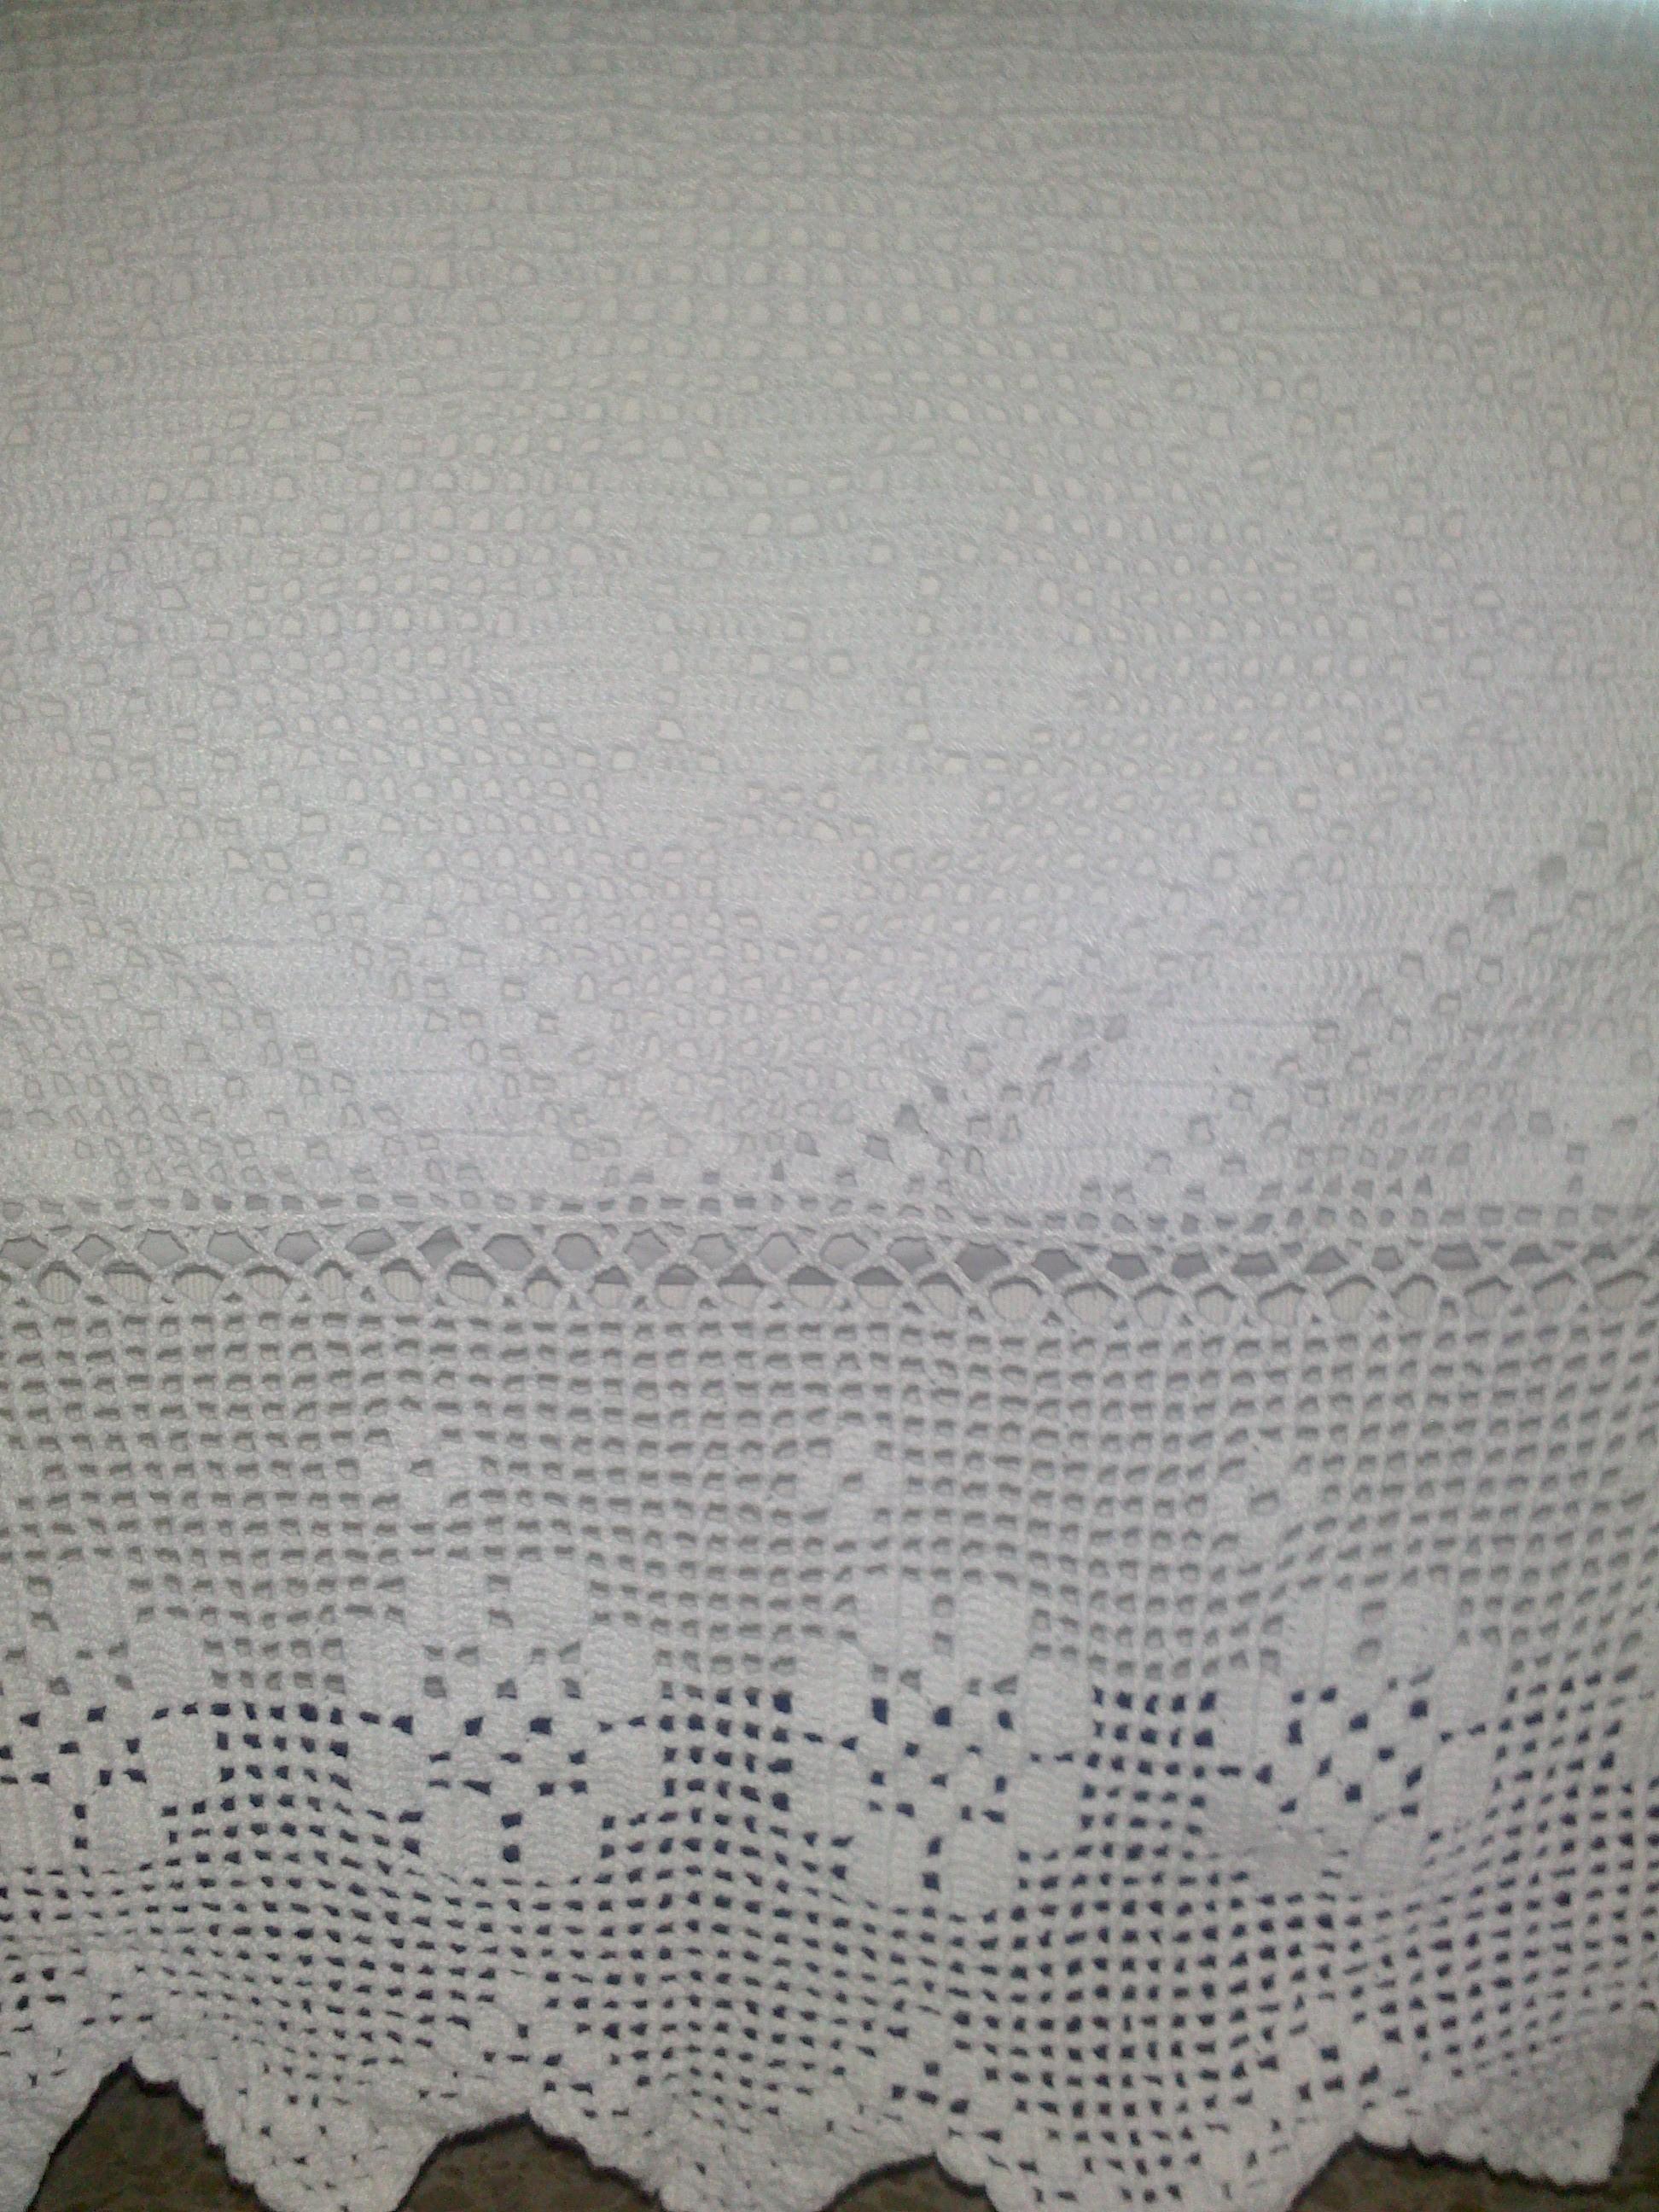 Colchas de croche los tesoros de la abuela chon - Aplicaciones de crochet para colchas ...